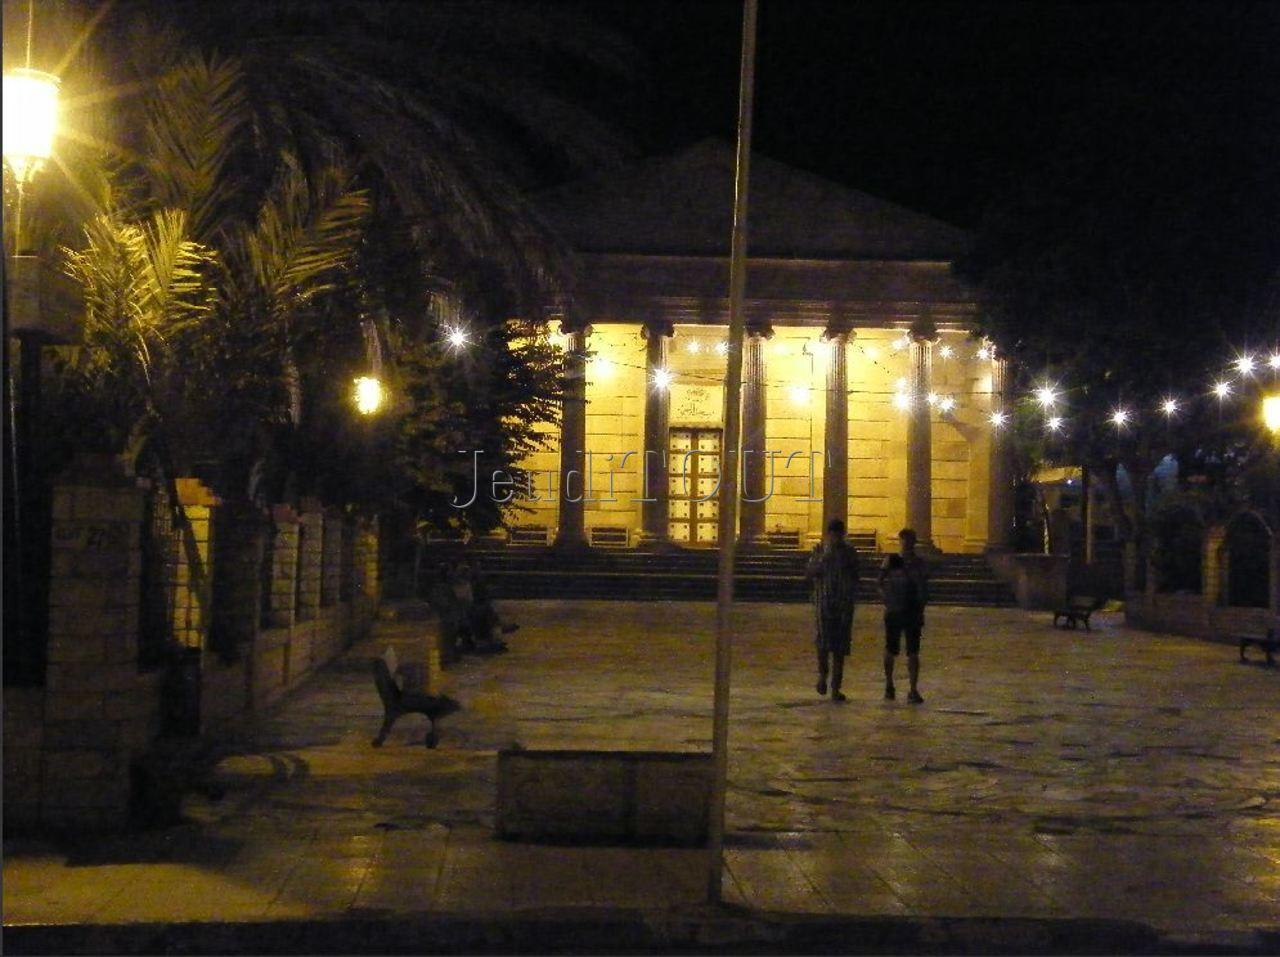 Cherchell-la mosquée aux cent colonnes